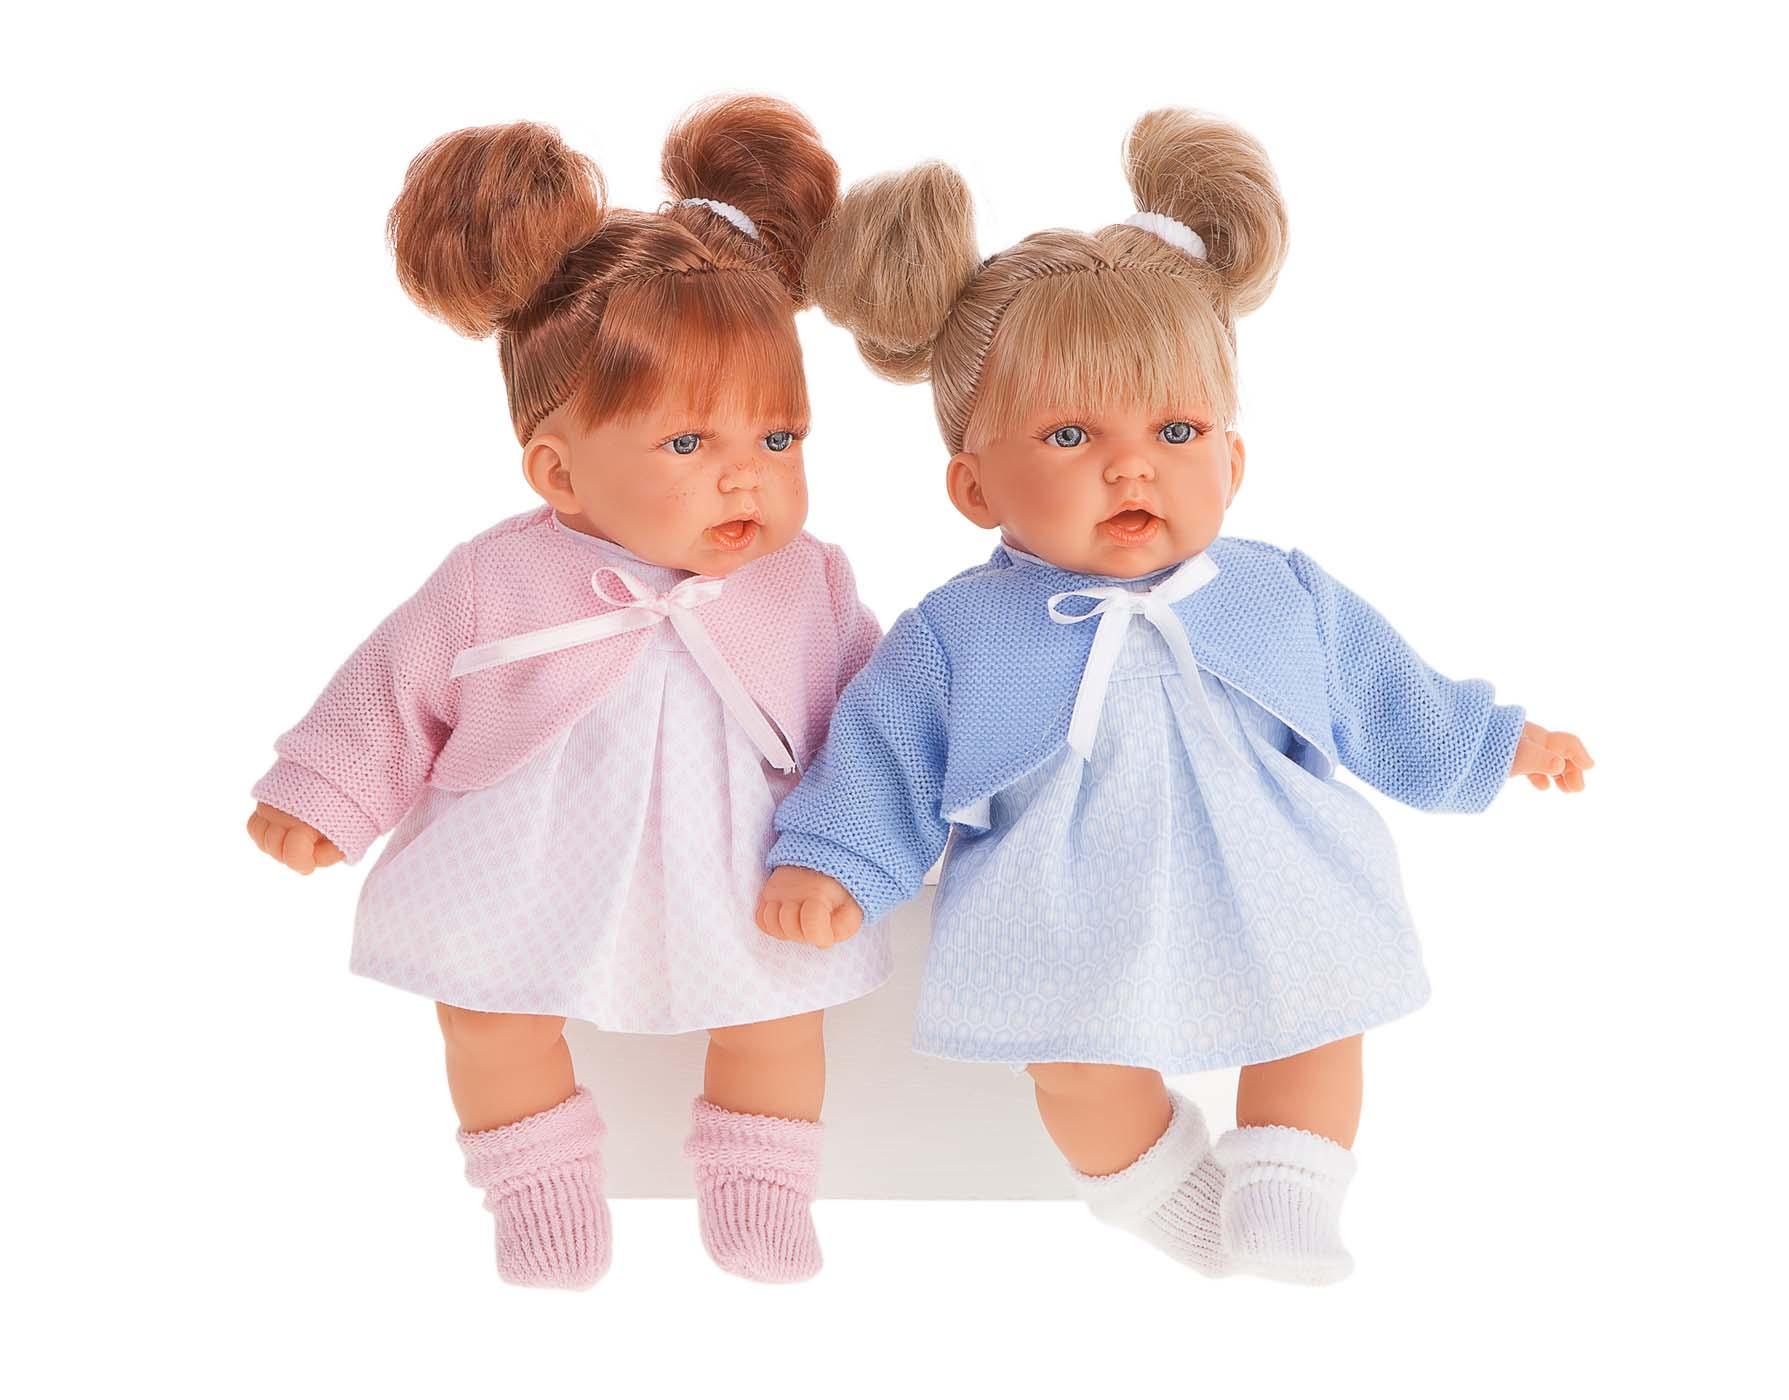 Купить Интерактивная кукла - Дели в голубом, 27 см, Antonio Juans Munecas